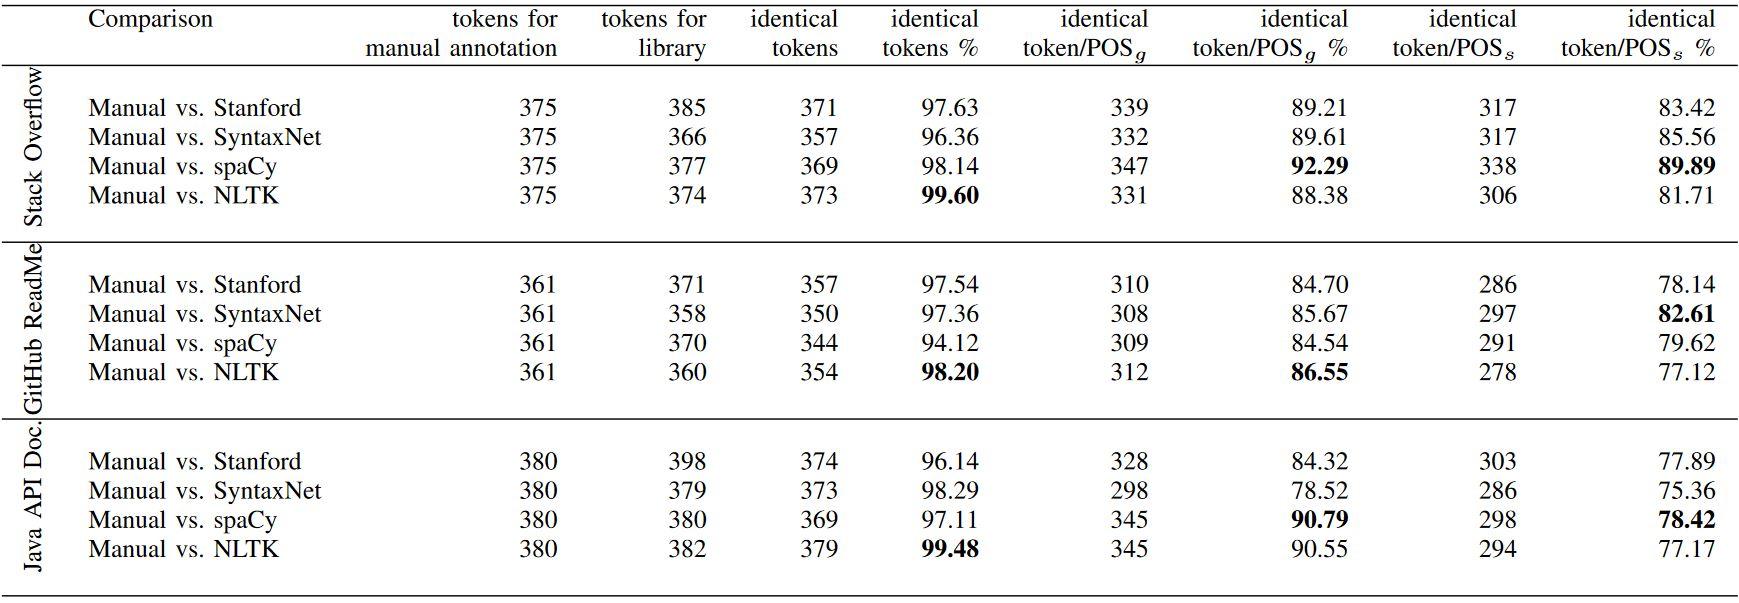 مقایسه دقت (accuracy) چهار کتابخانه پردازش زبان طبیعی در شناسایی کلمات (توکن) و برچسبزنی نقش ادات سخن (مقدار بیشتر بهتر هست)